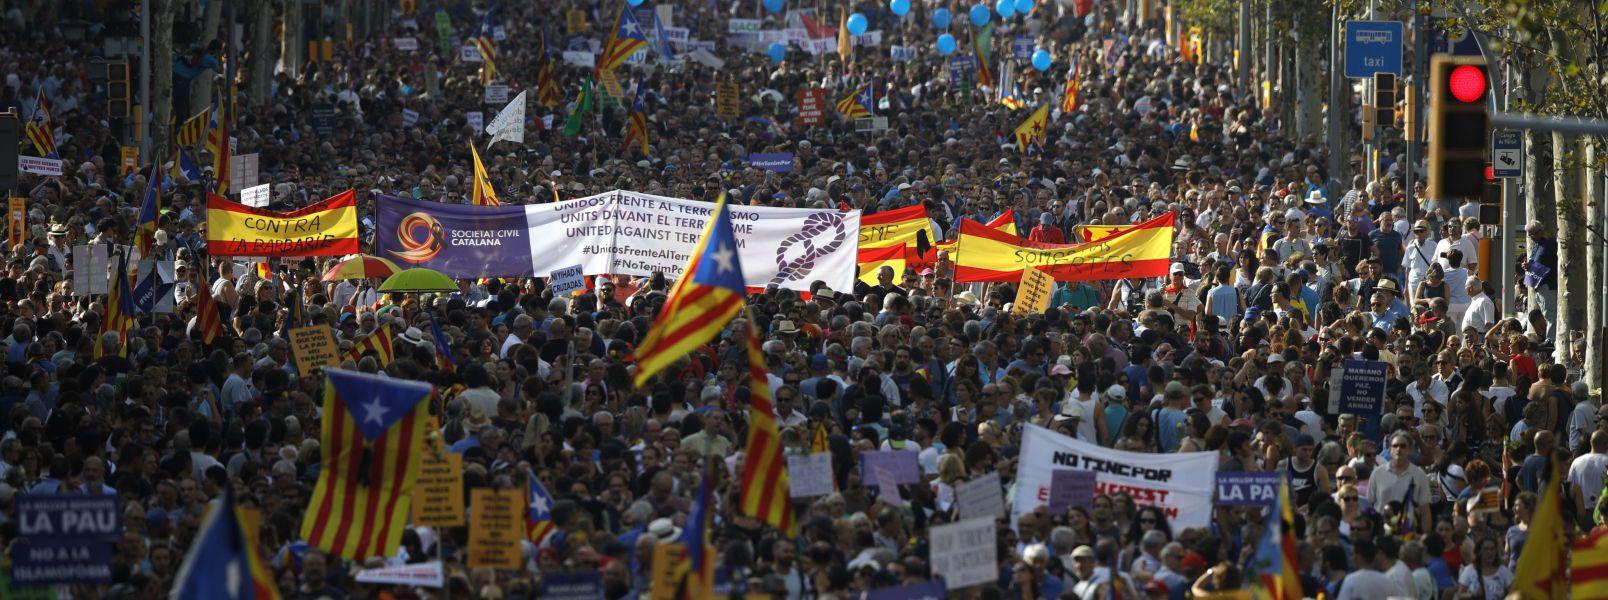 Miles de personas desbordan el centro de Barcelona en contra del terrorismo